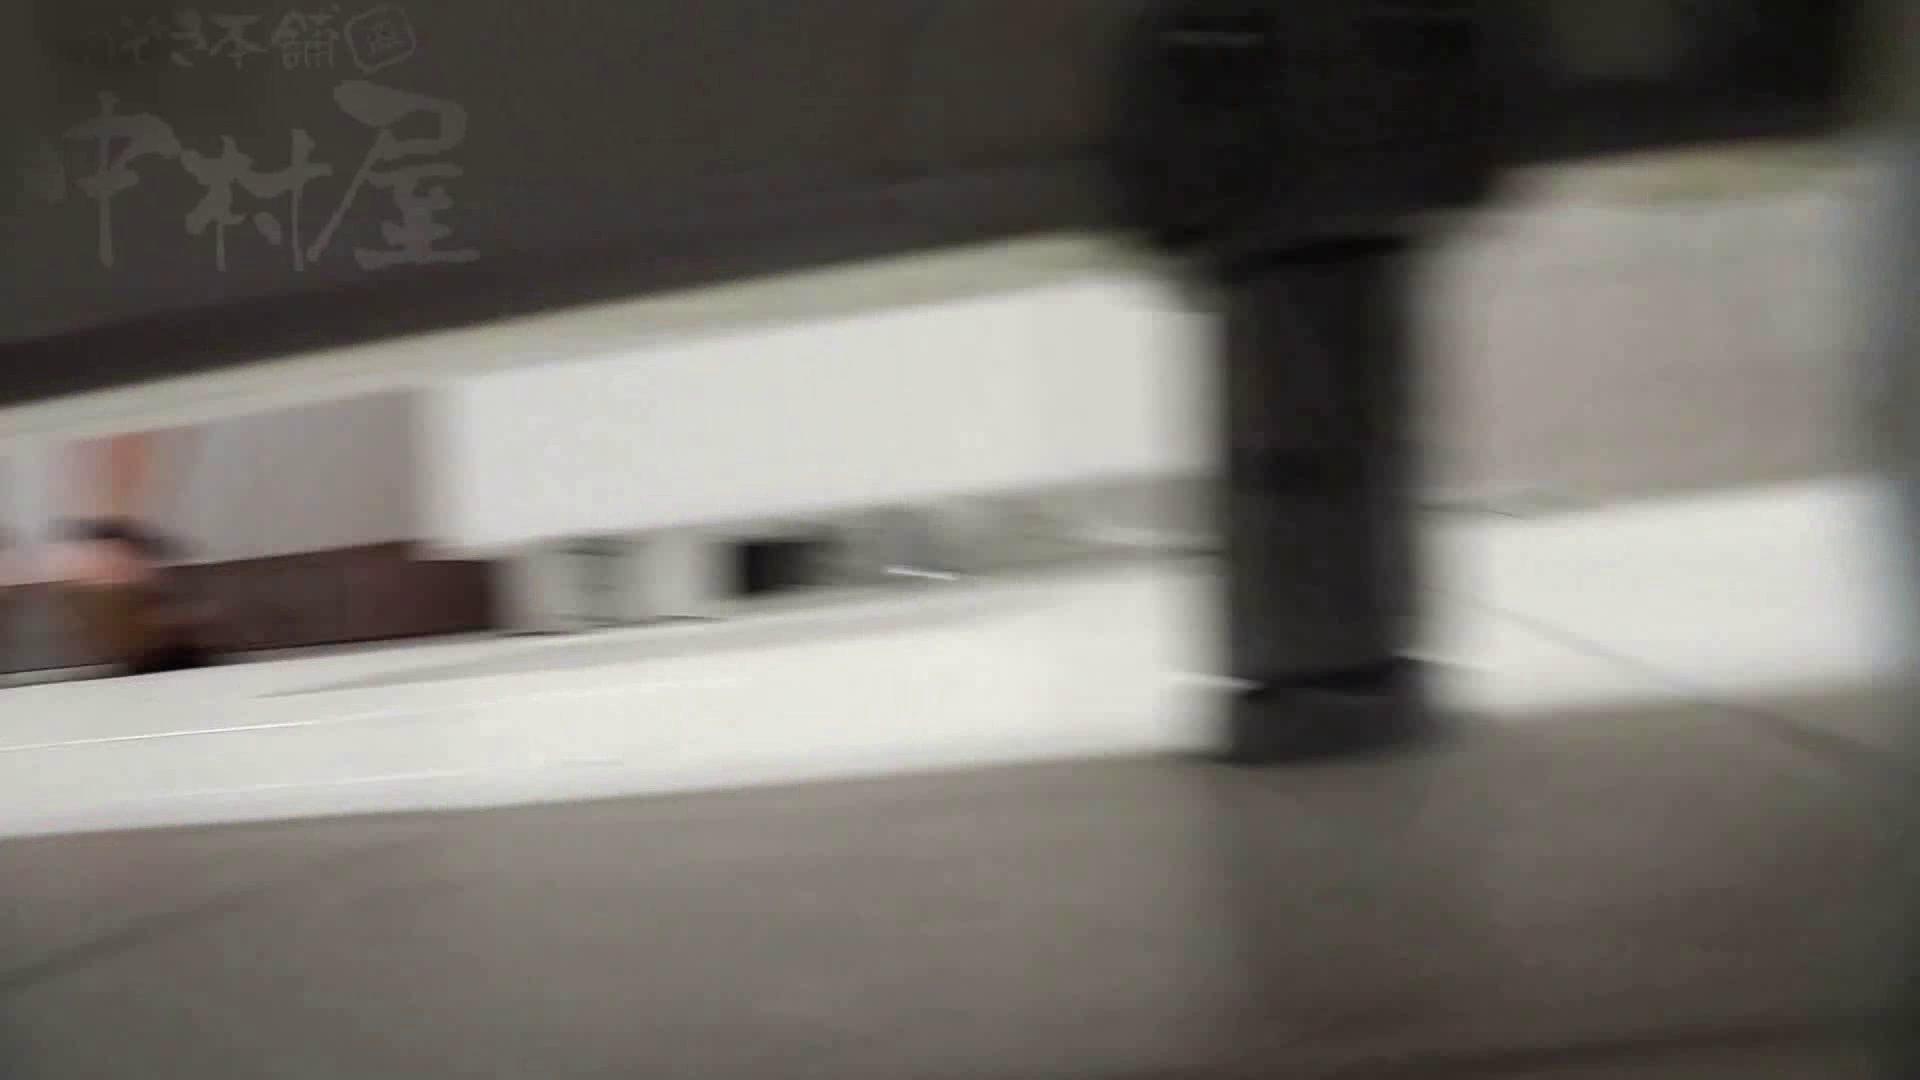 美しい日本の未来 No.08 腕を磨き再発進 排泄 おまんこ動画流出 90PICs 6